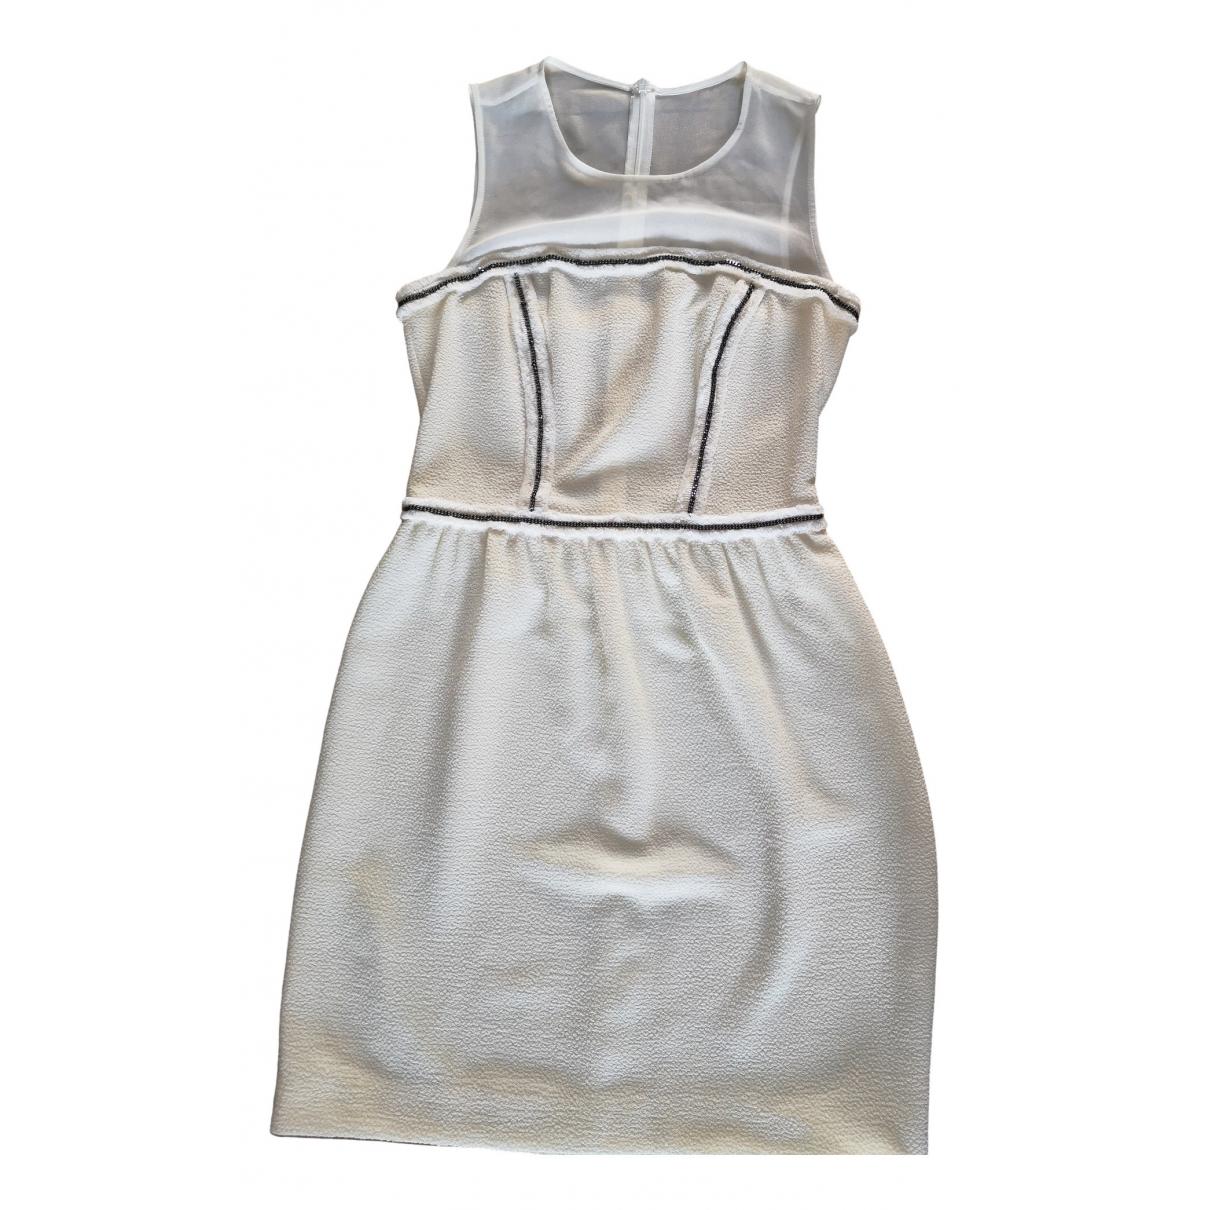 Sandro \N Ecru dress for Women 36 FR